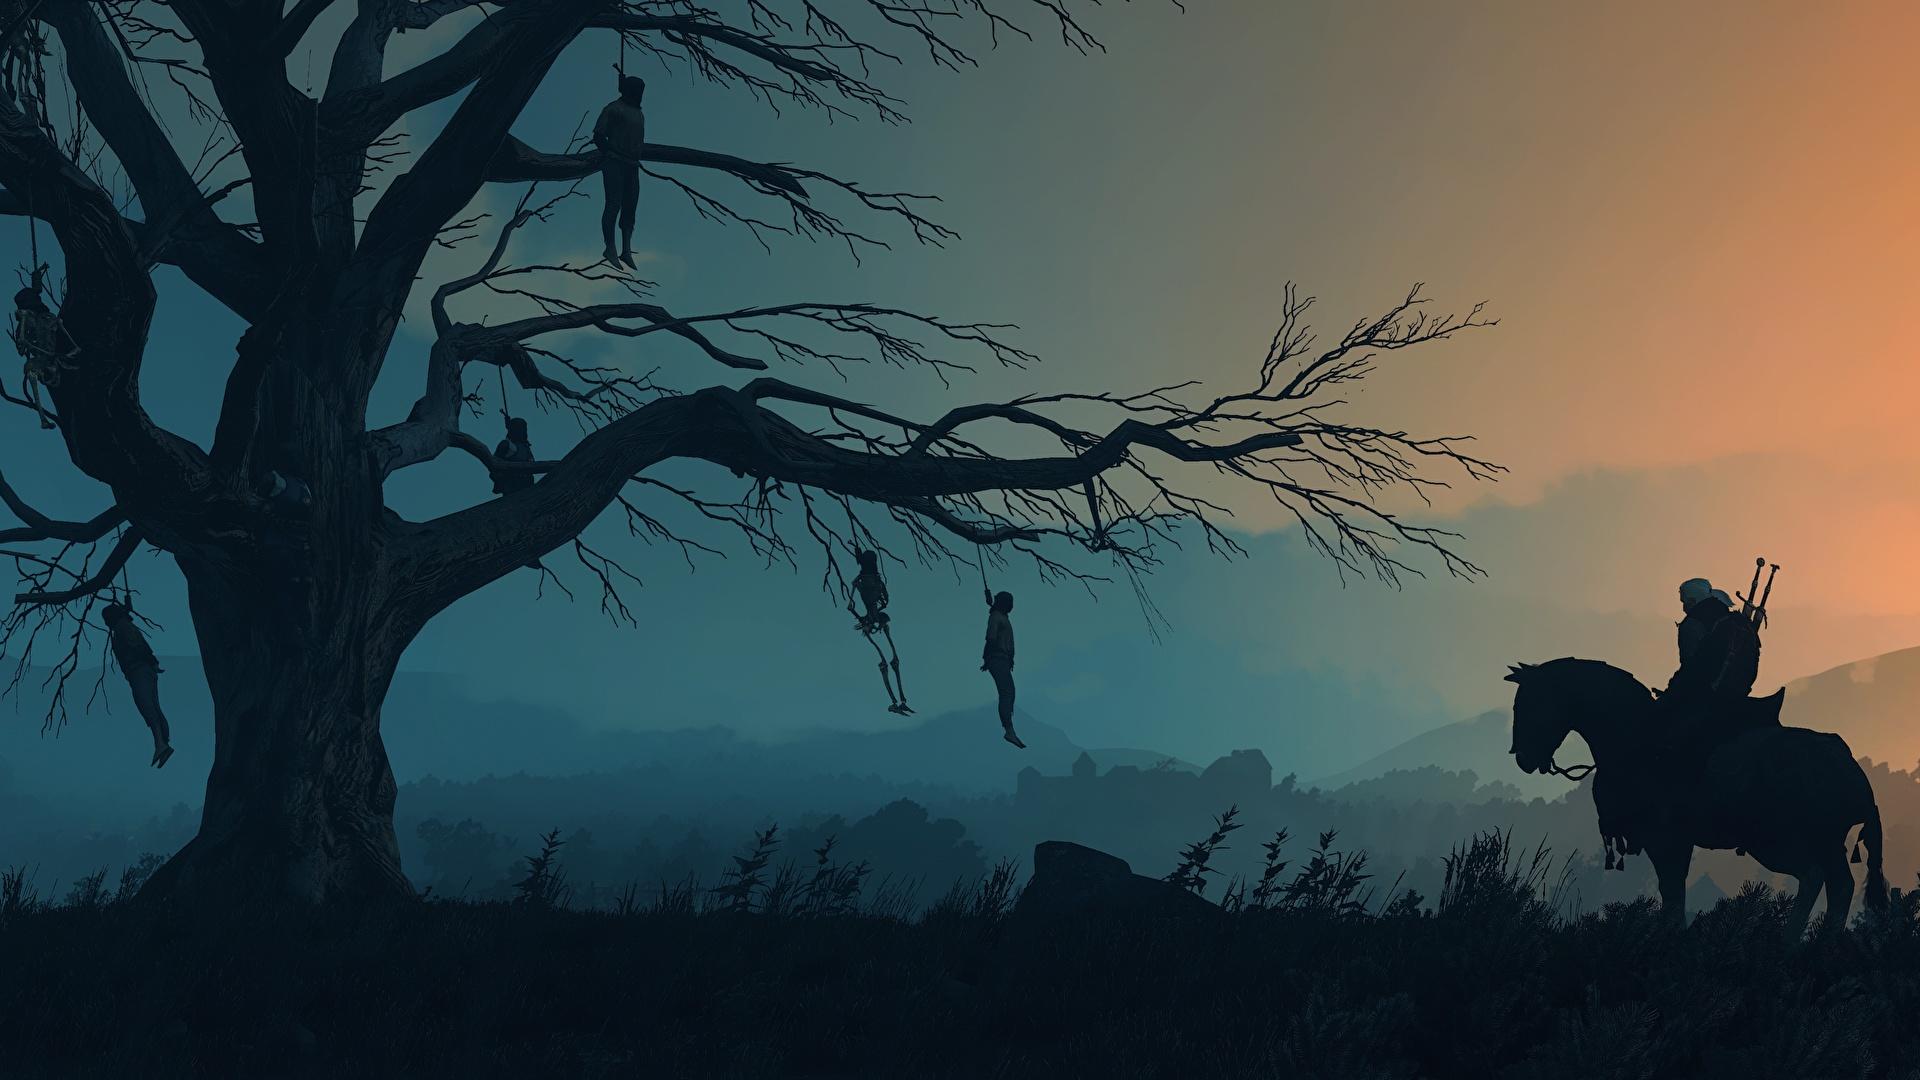 Фотография The Witcher 3: Wild Hunt Лошади Силуэт Игры Ветки Вечер Деревья 1920x1080